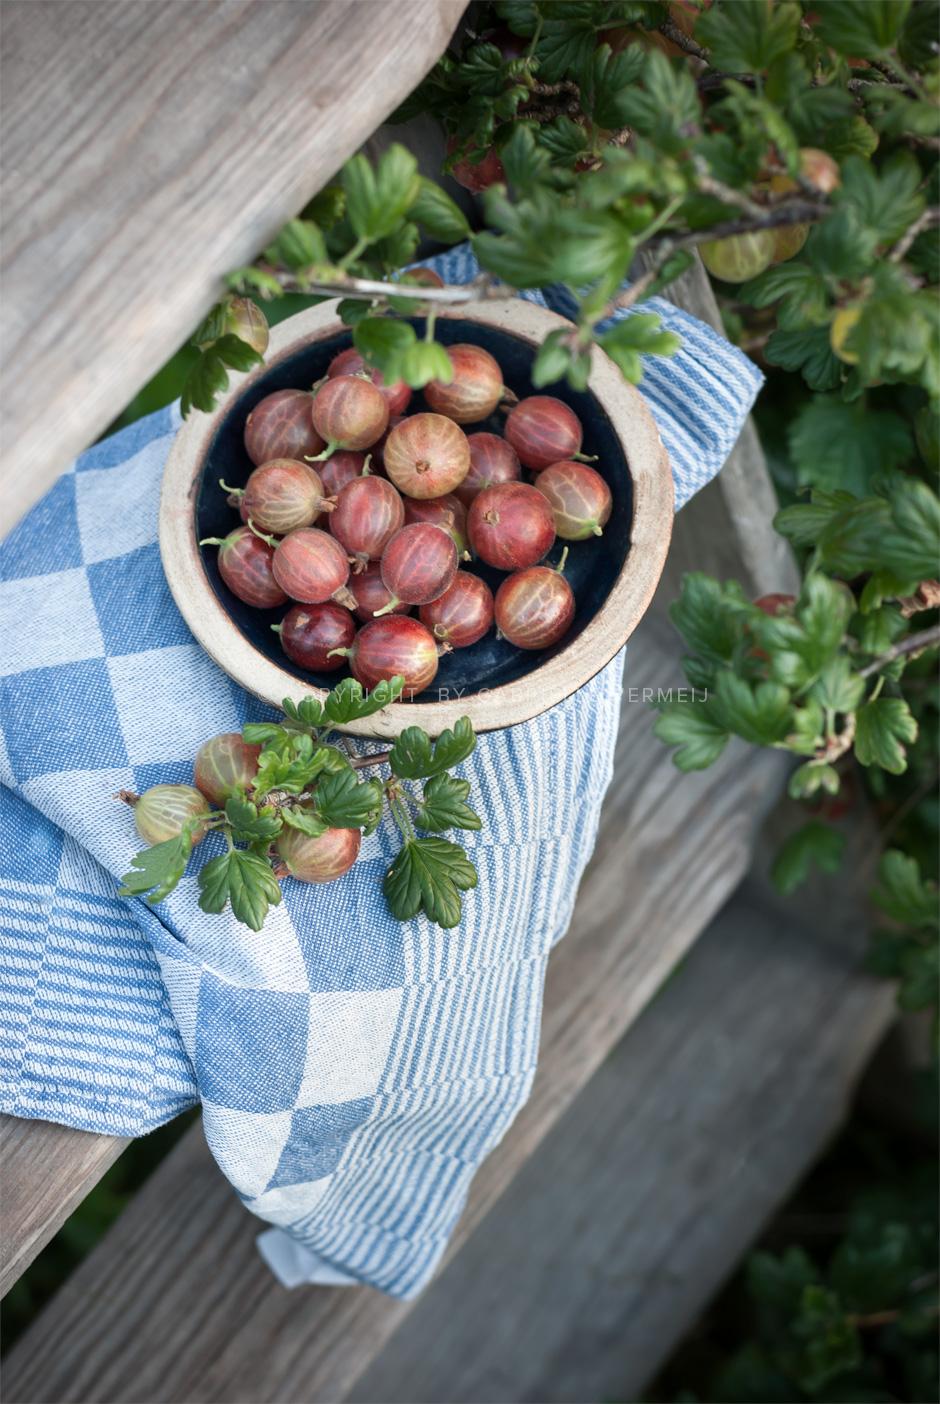 Bowl of fresh gooseberries by Gabrielle Vermeij